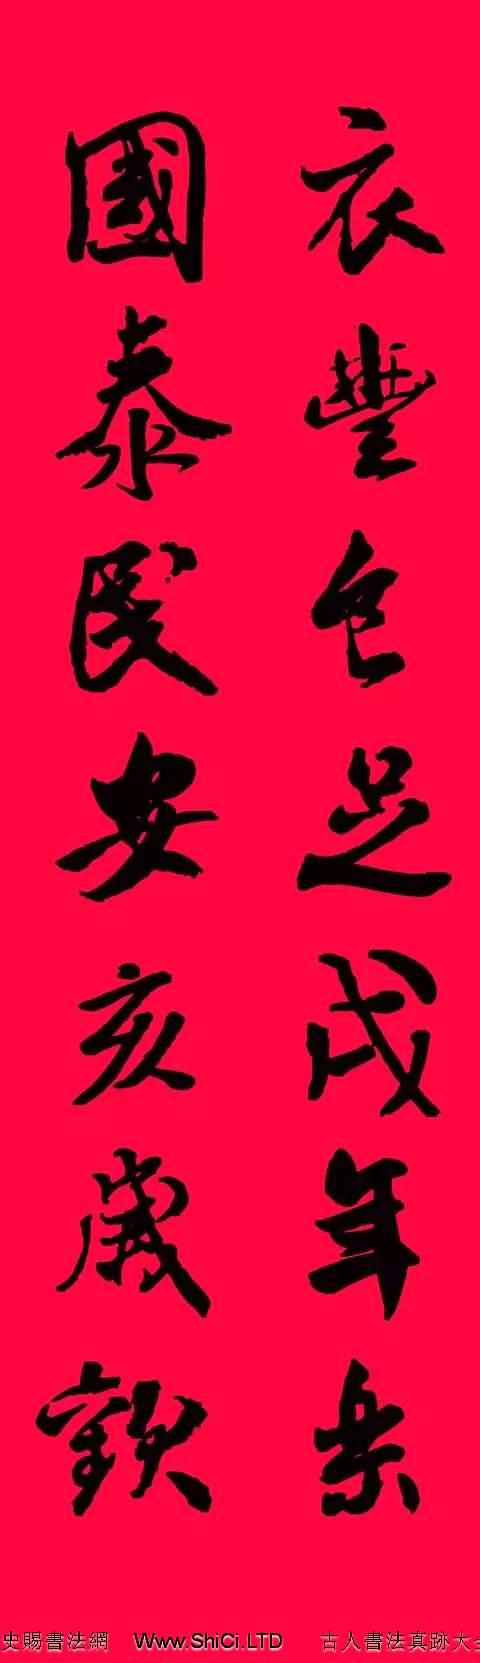 豬年春聯--米芾行書集字版